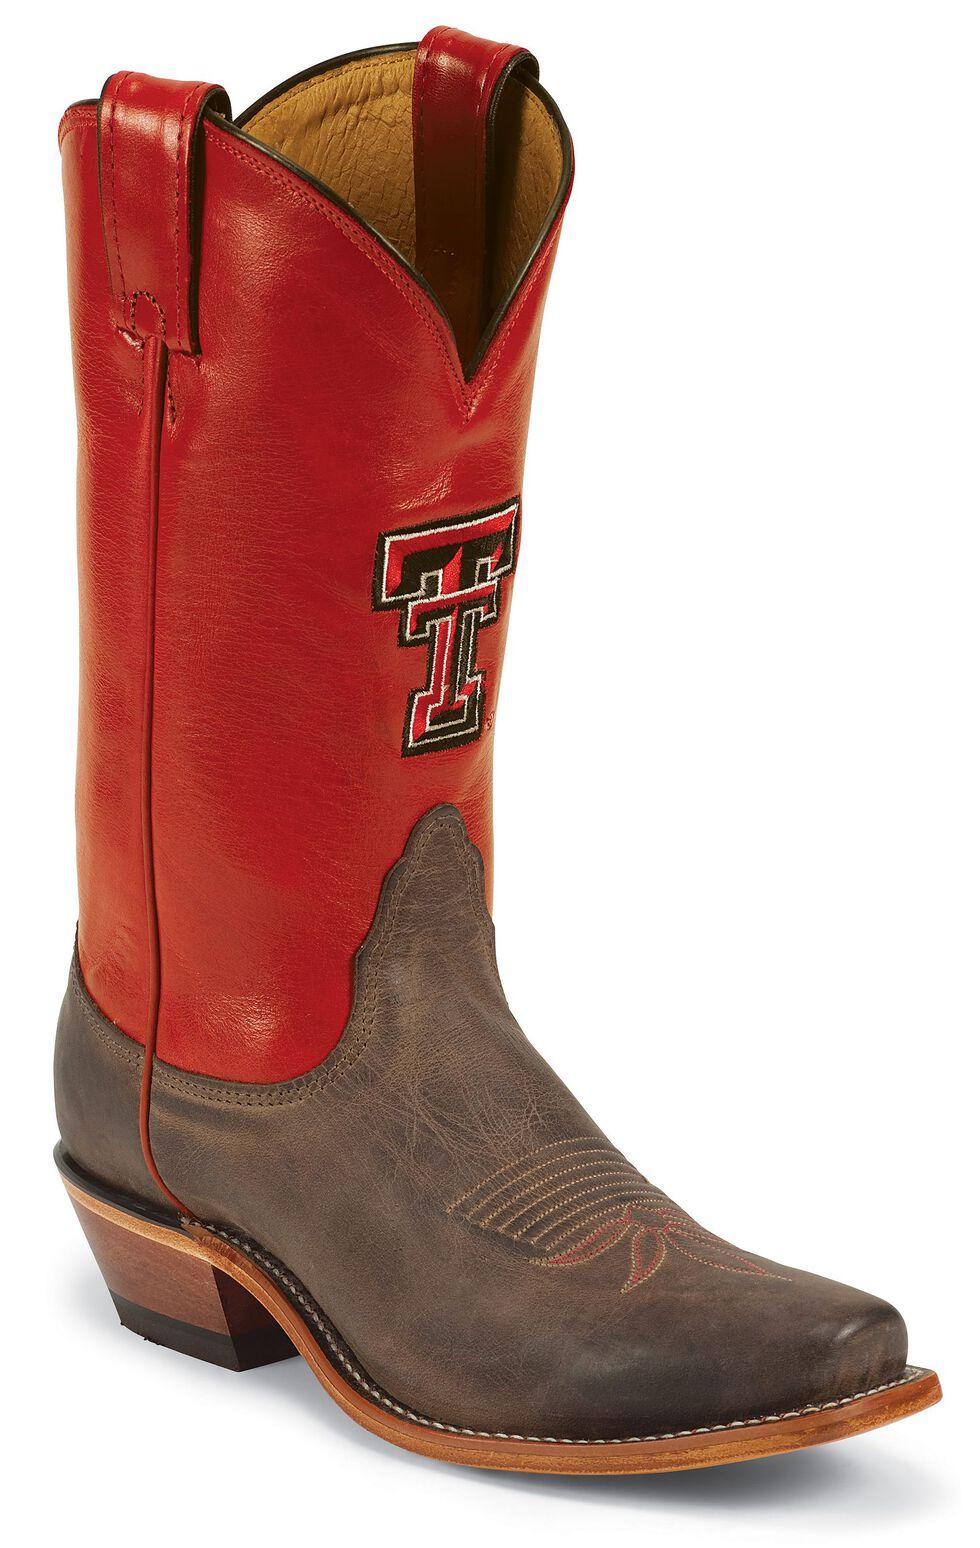 Nocona Texas Tech College Cowgirl Boots - Snip Toe, Tan, hi-res